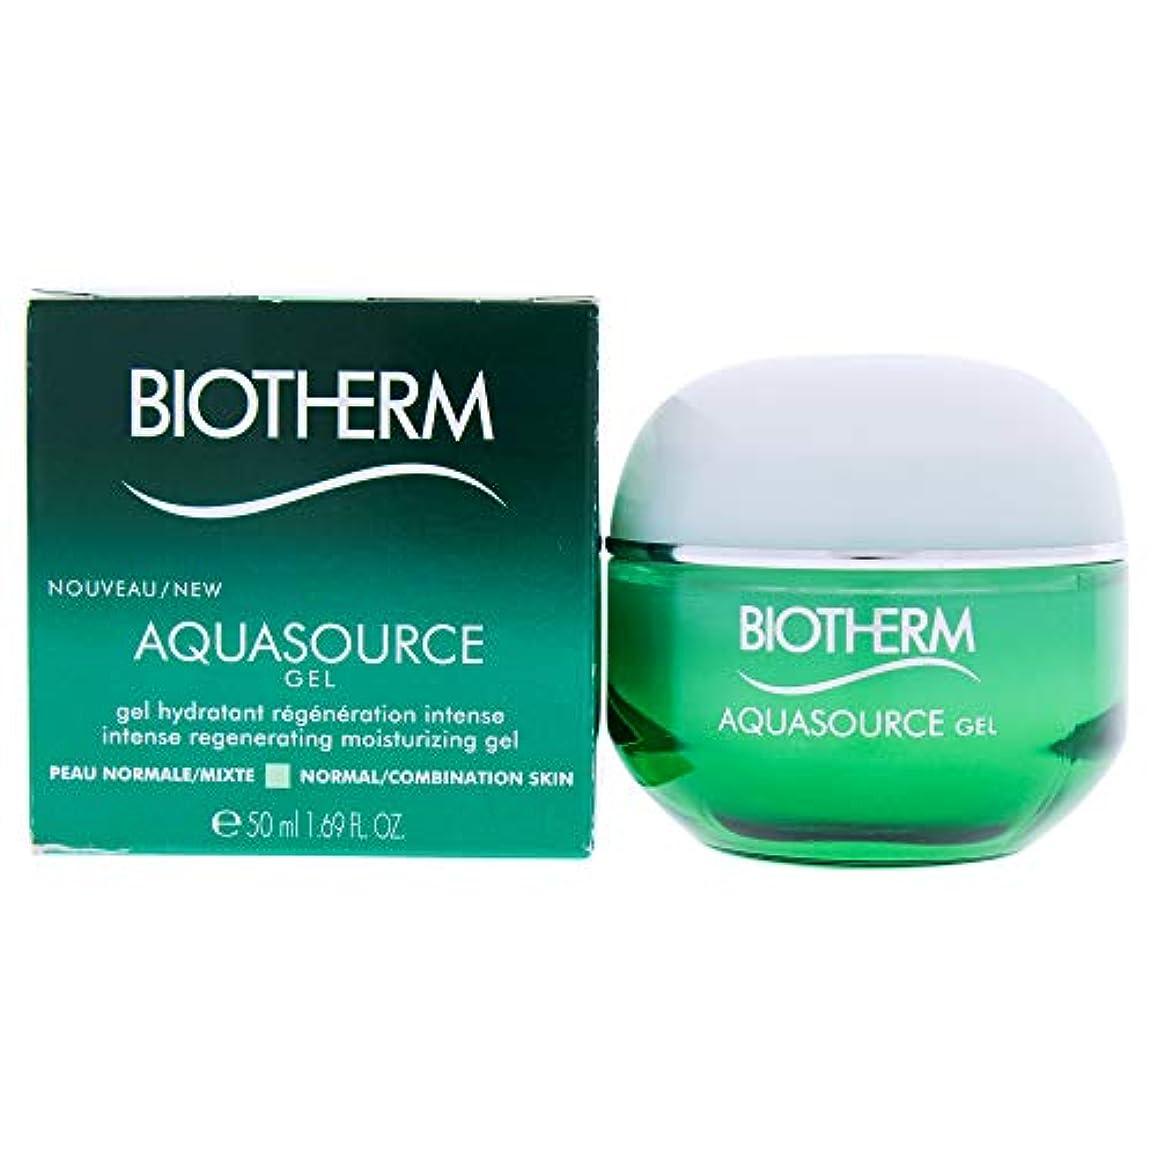 良心的直感配偶者ビオテルム Aquasource Gel Intense Regenerating Moisturizing Gel - For Normal/Combination Skin 50ml/1.69oz並行輸入品